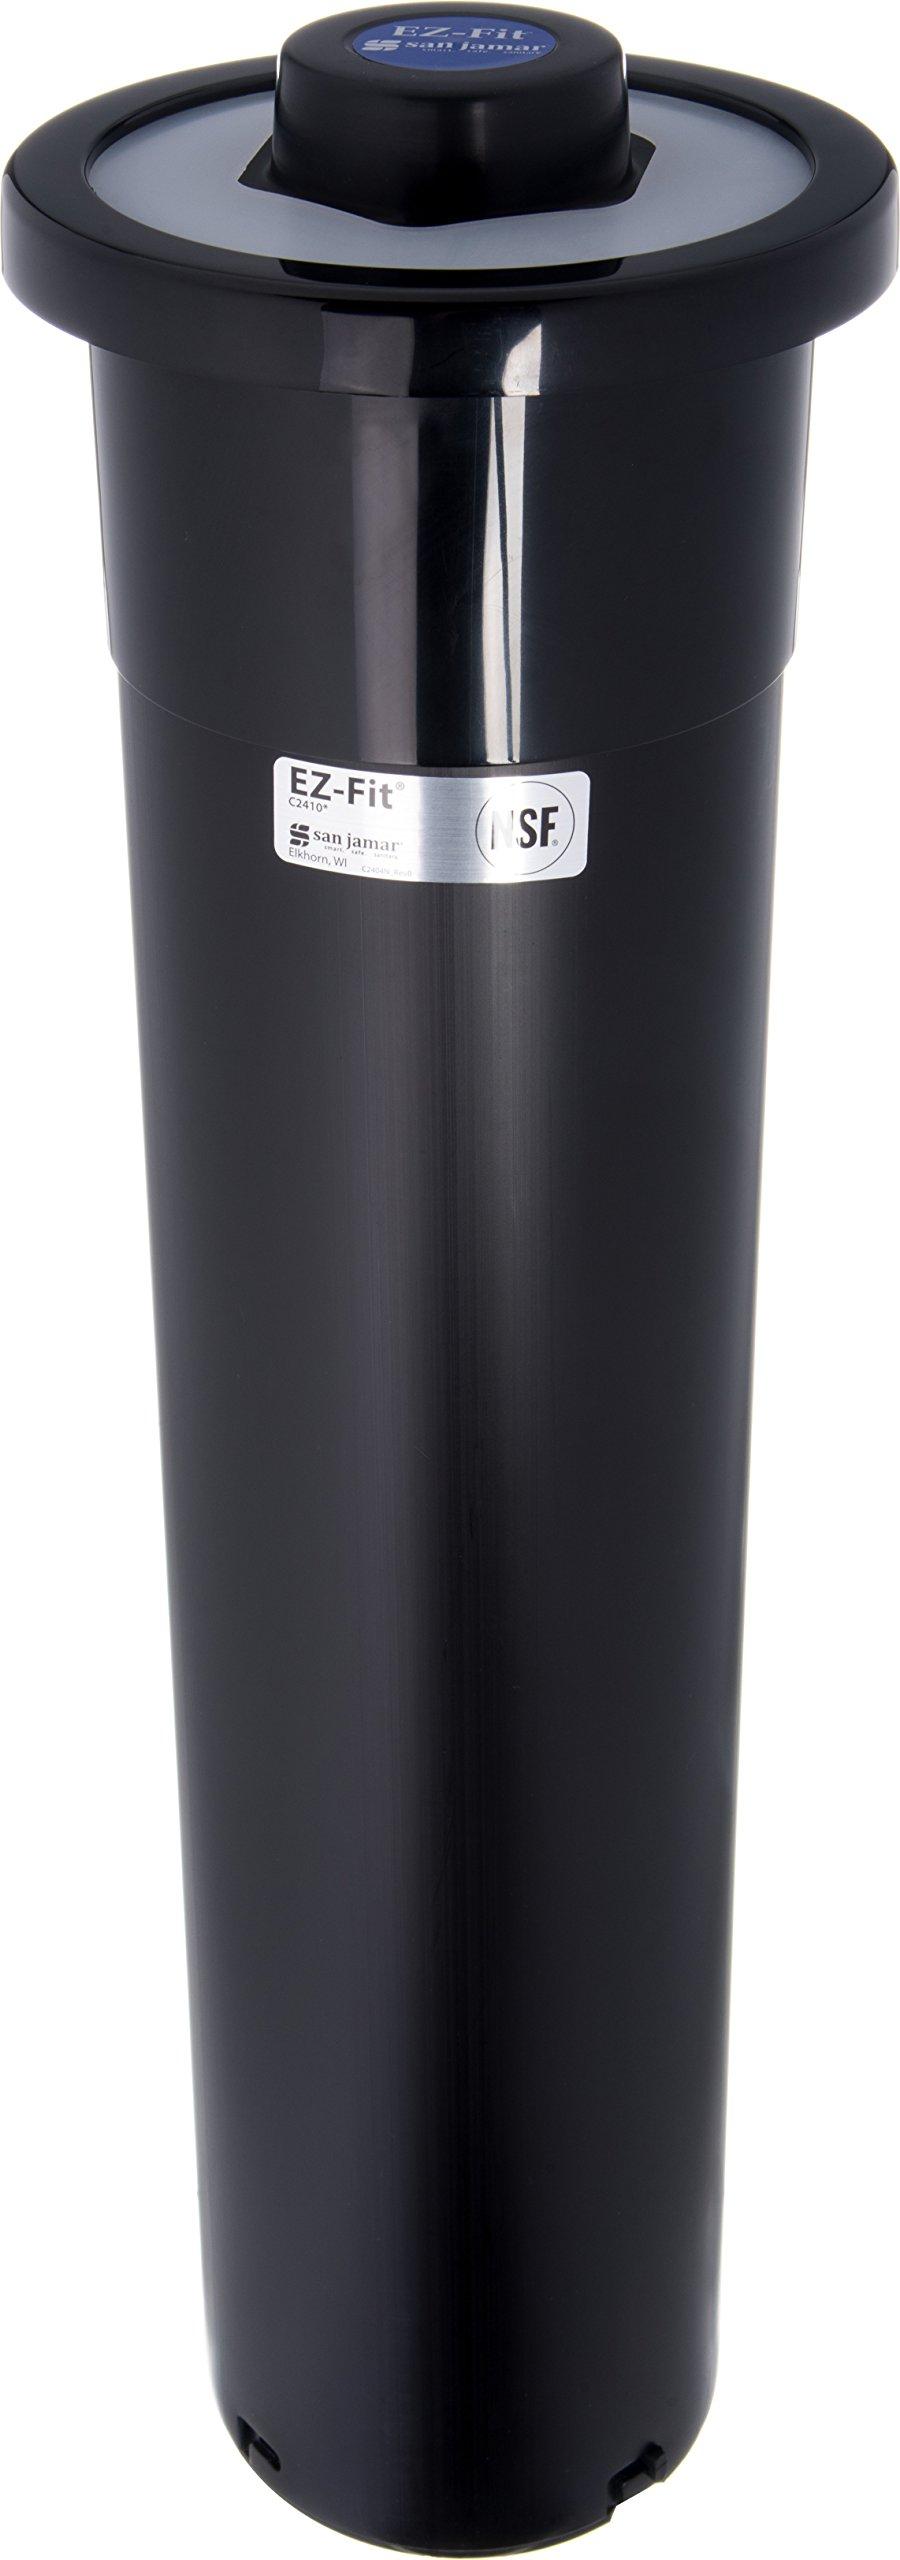 San Jamar C2410C Plastic Ez-Fit Counter Mount Cup Dispenser